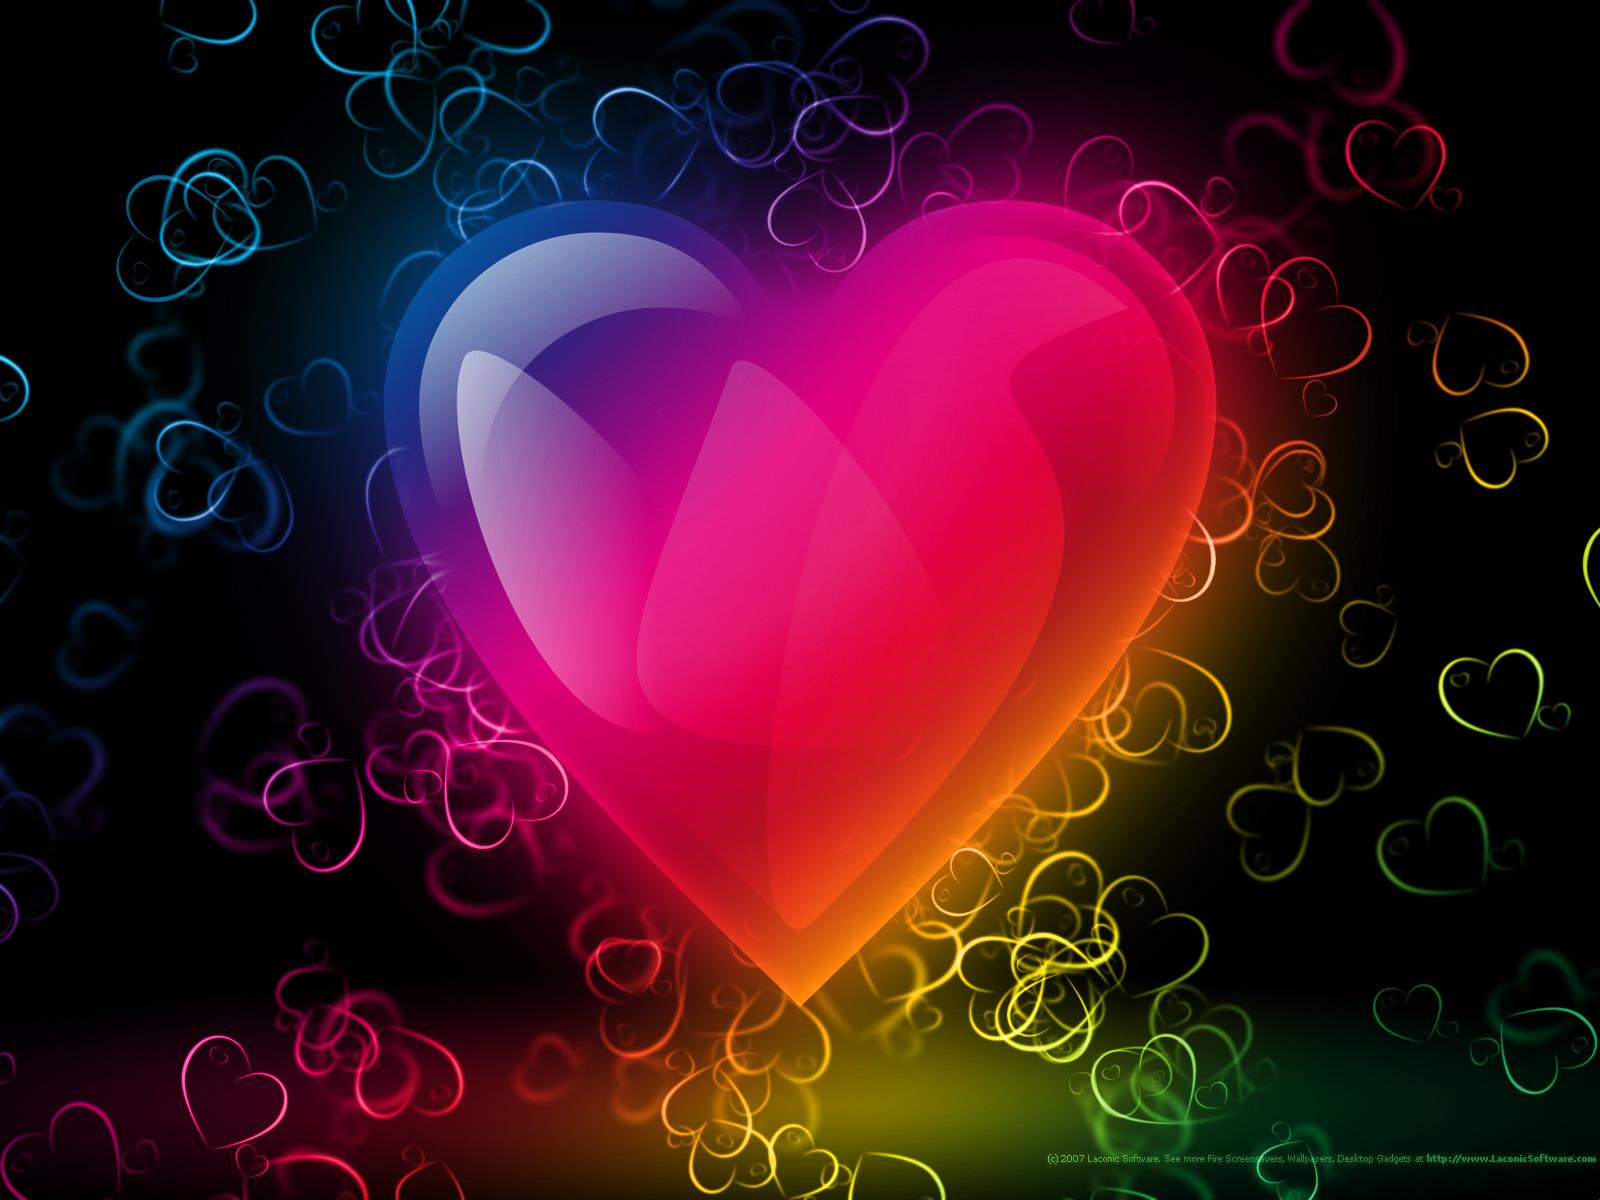 http://4.bp.blogspot.com/_L8gsanJXiZ8/TM98uGj6NiI/AAAAAAAADKw/3YuCrastnYc/s1600/colorful_heart.jpg